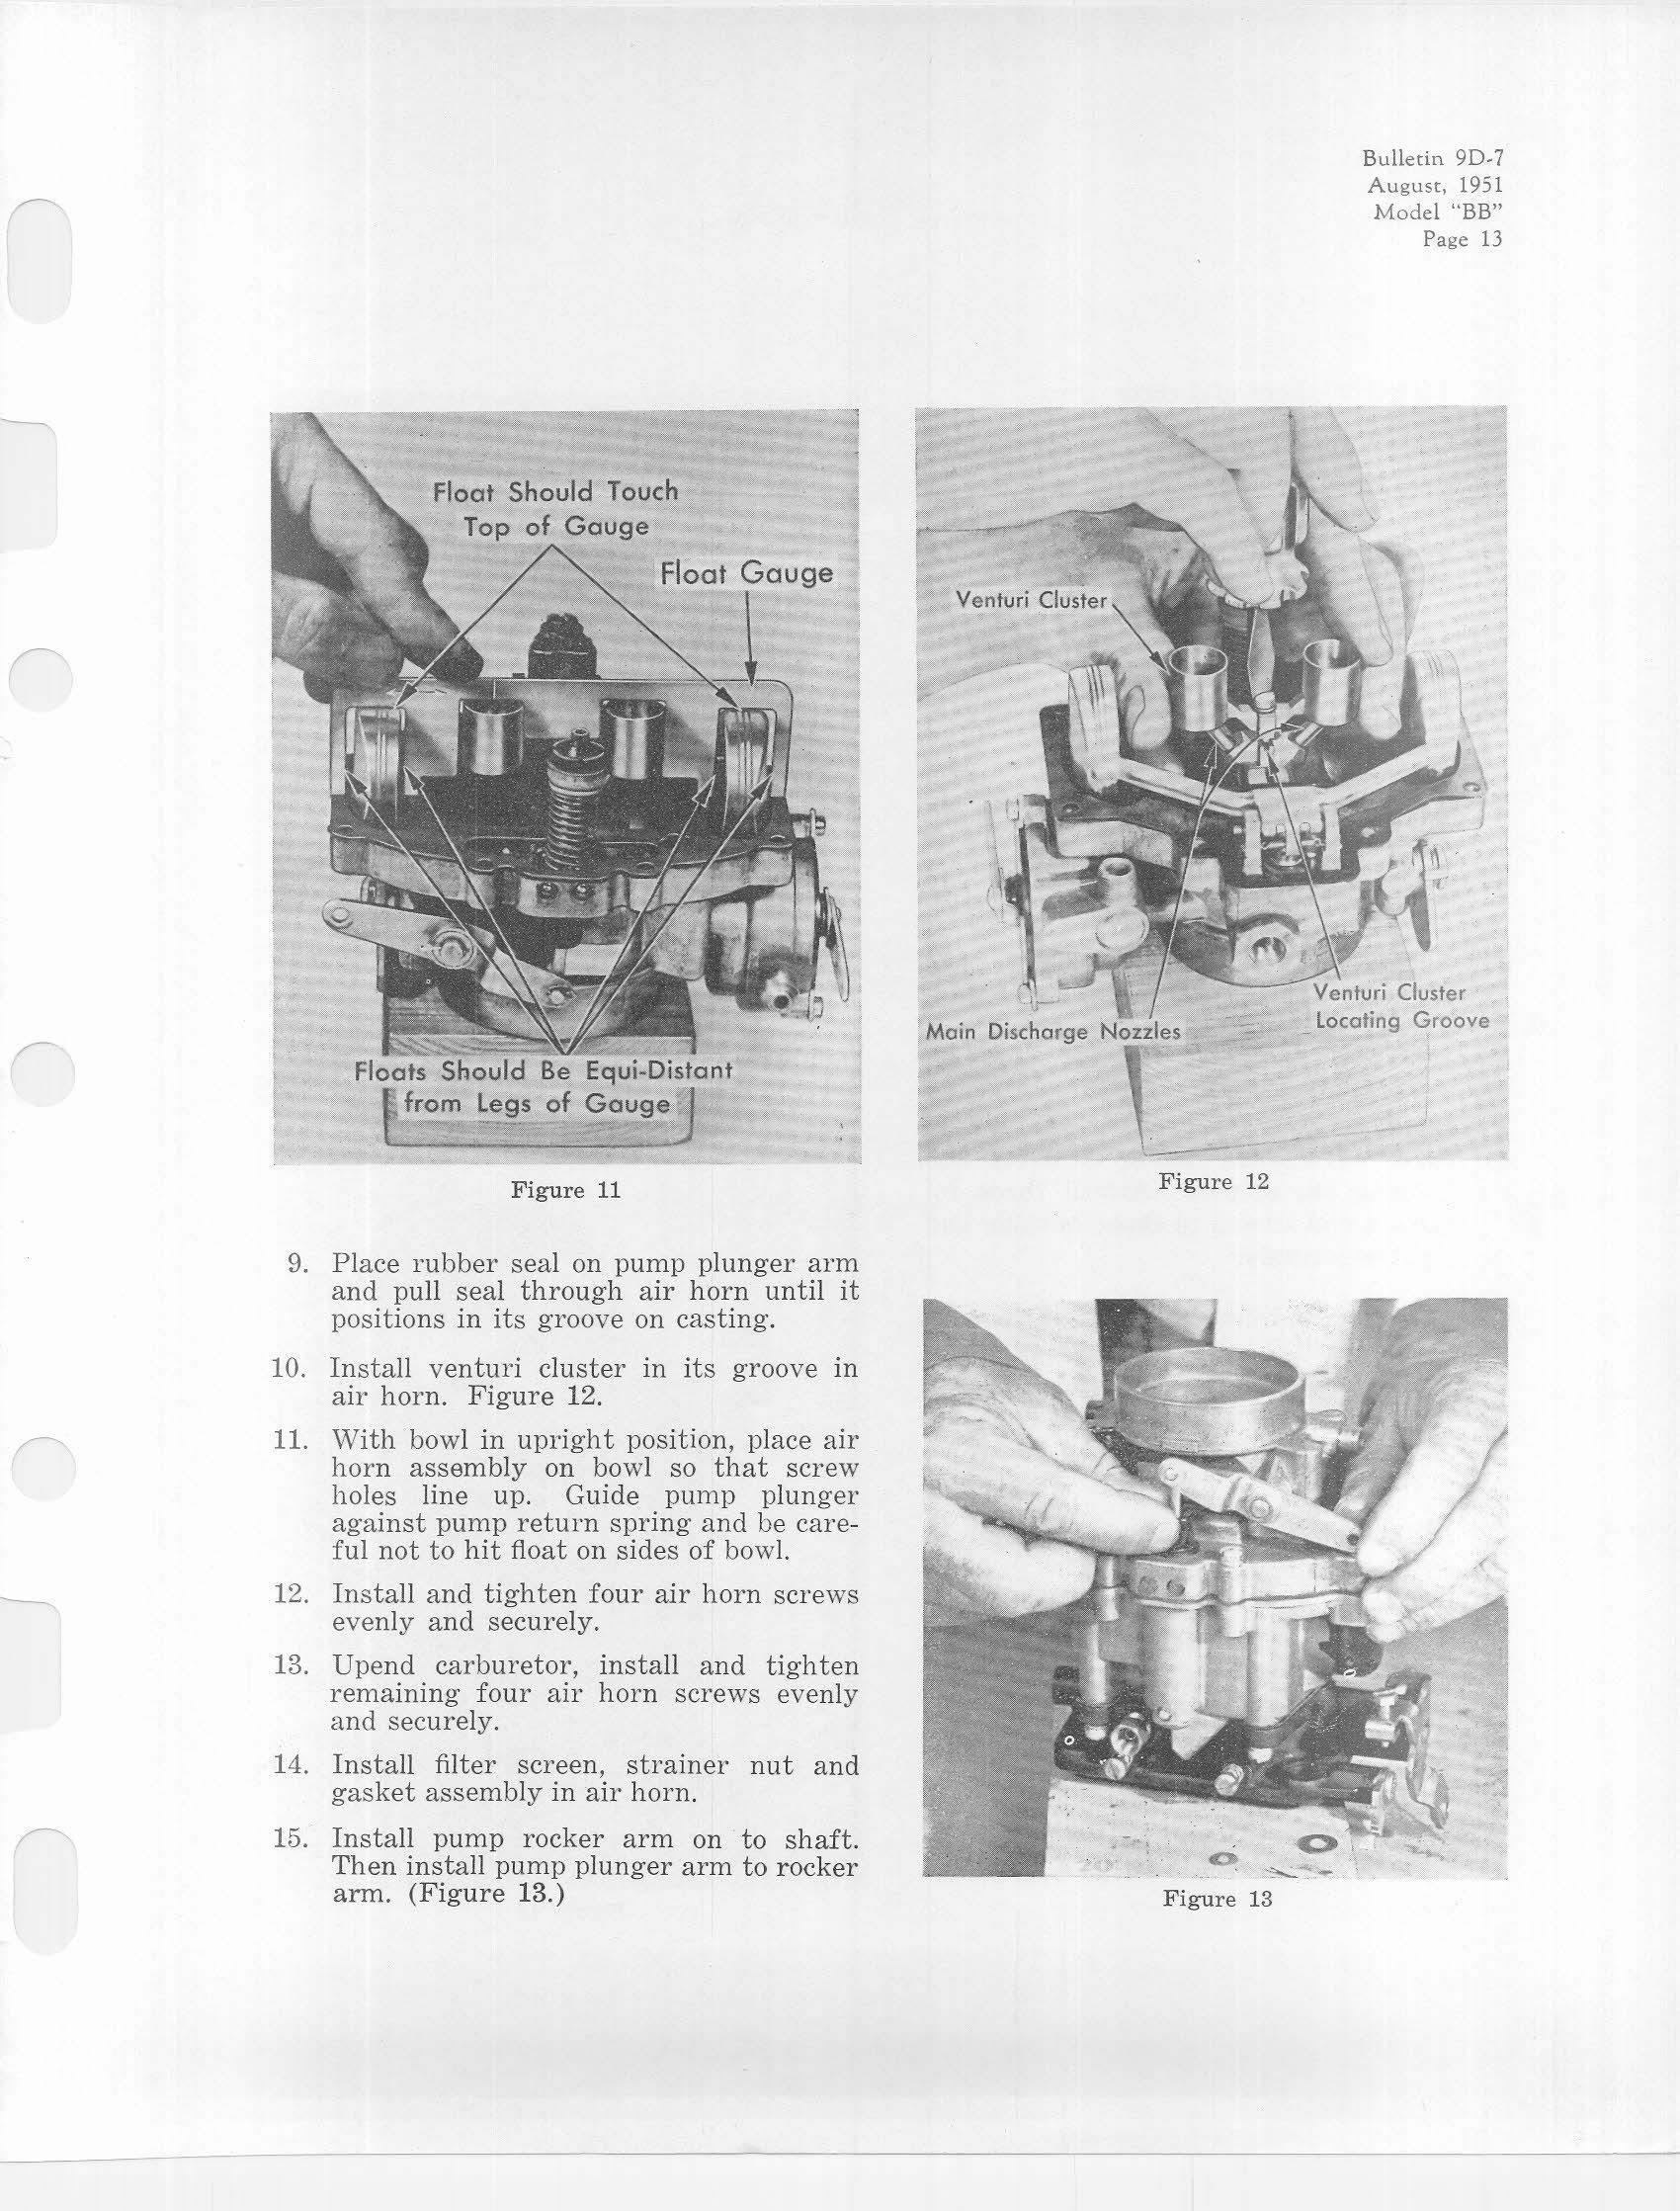 Rochester BB Carburetor Manual (1951)/51BBManual0013.jpg